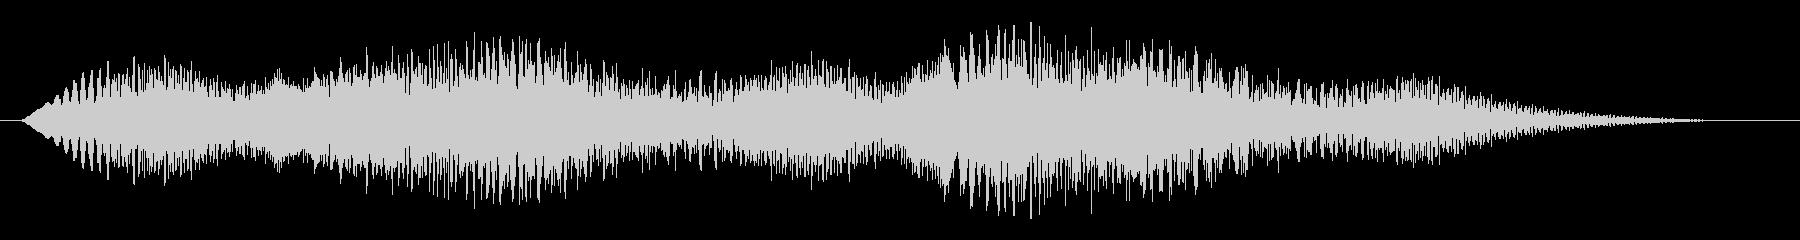 素材 揺れるドローンディープ01の未再生の波形